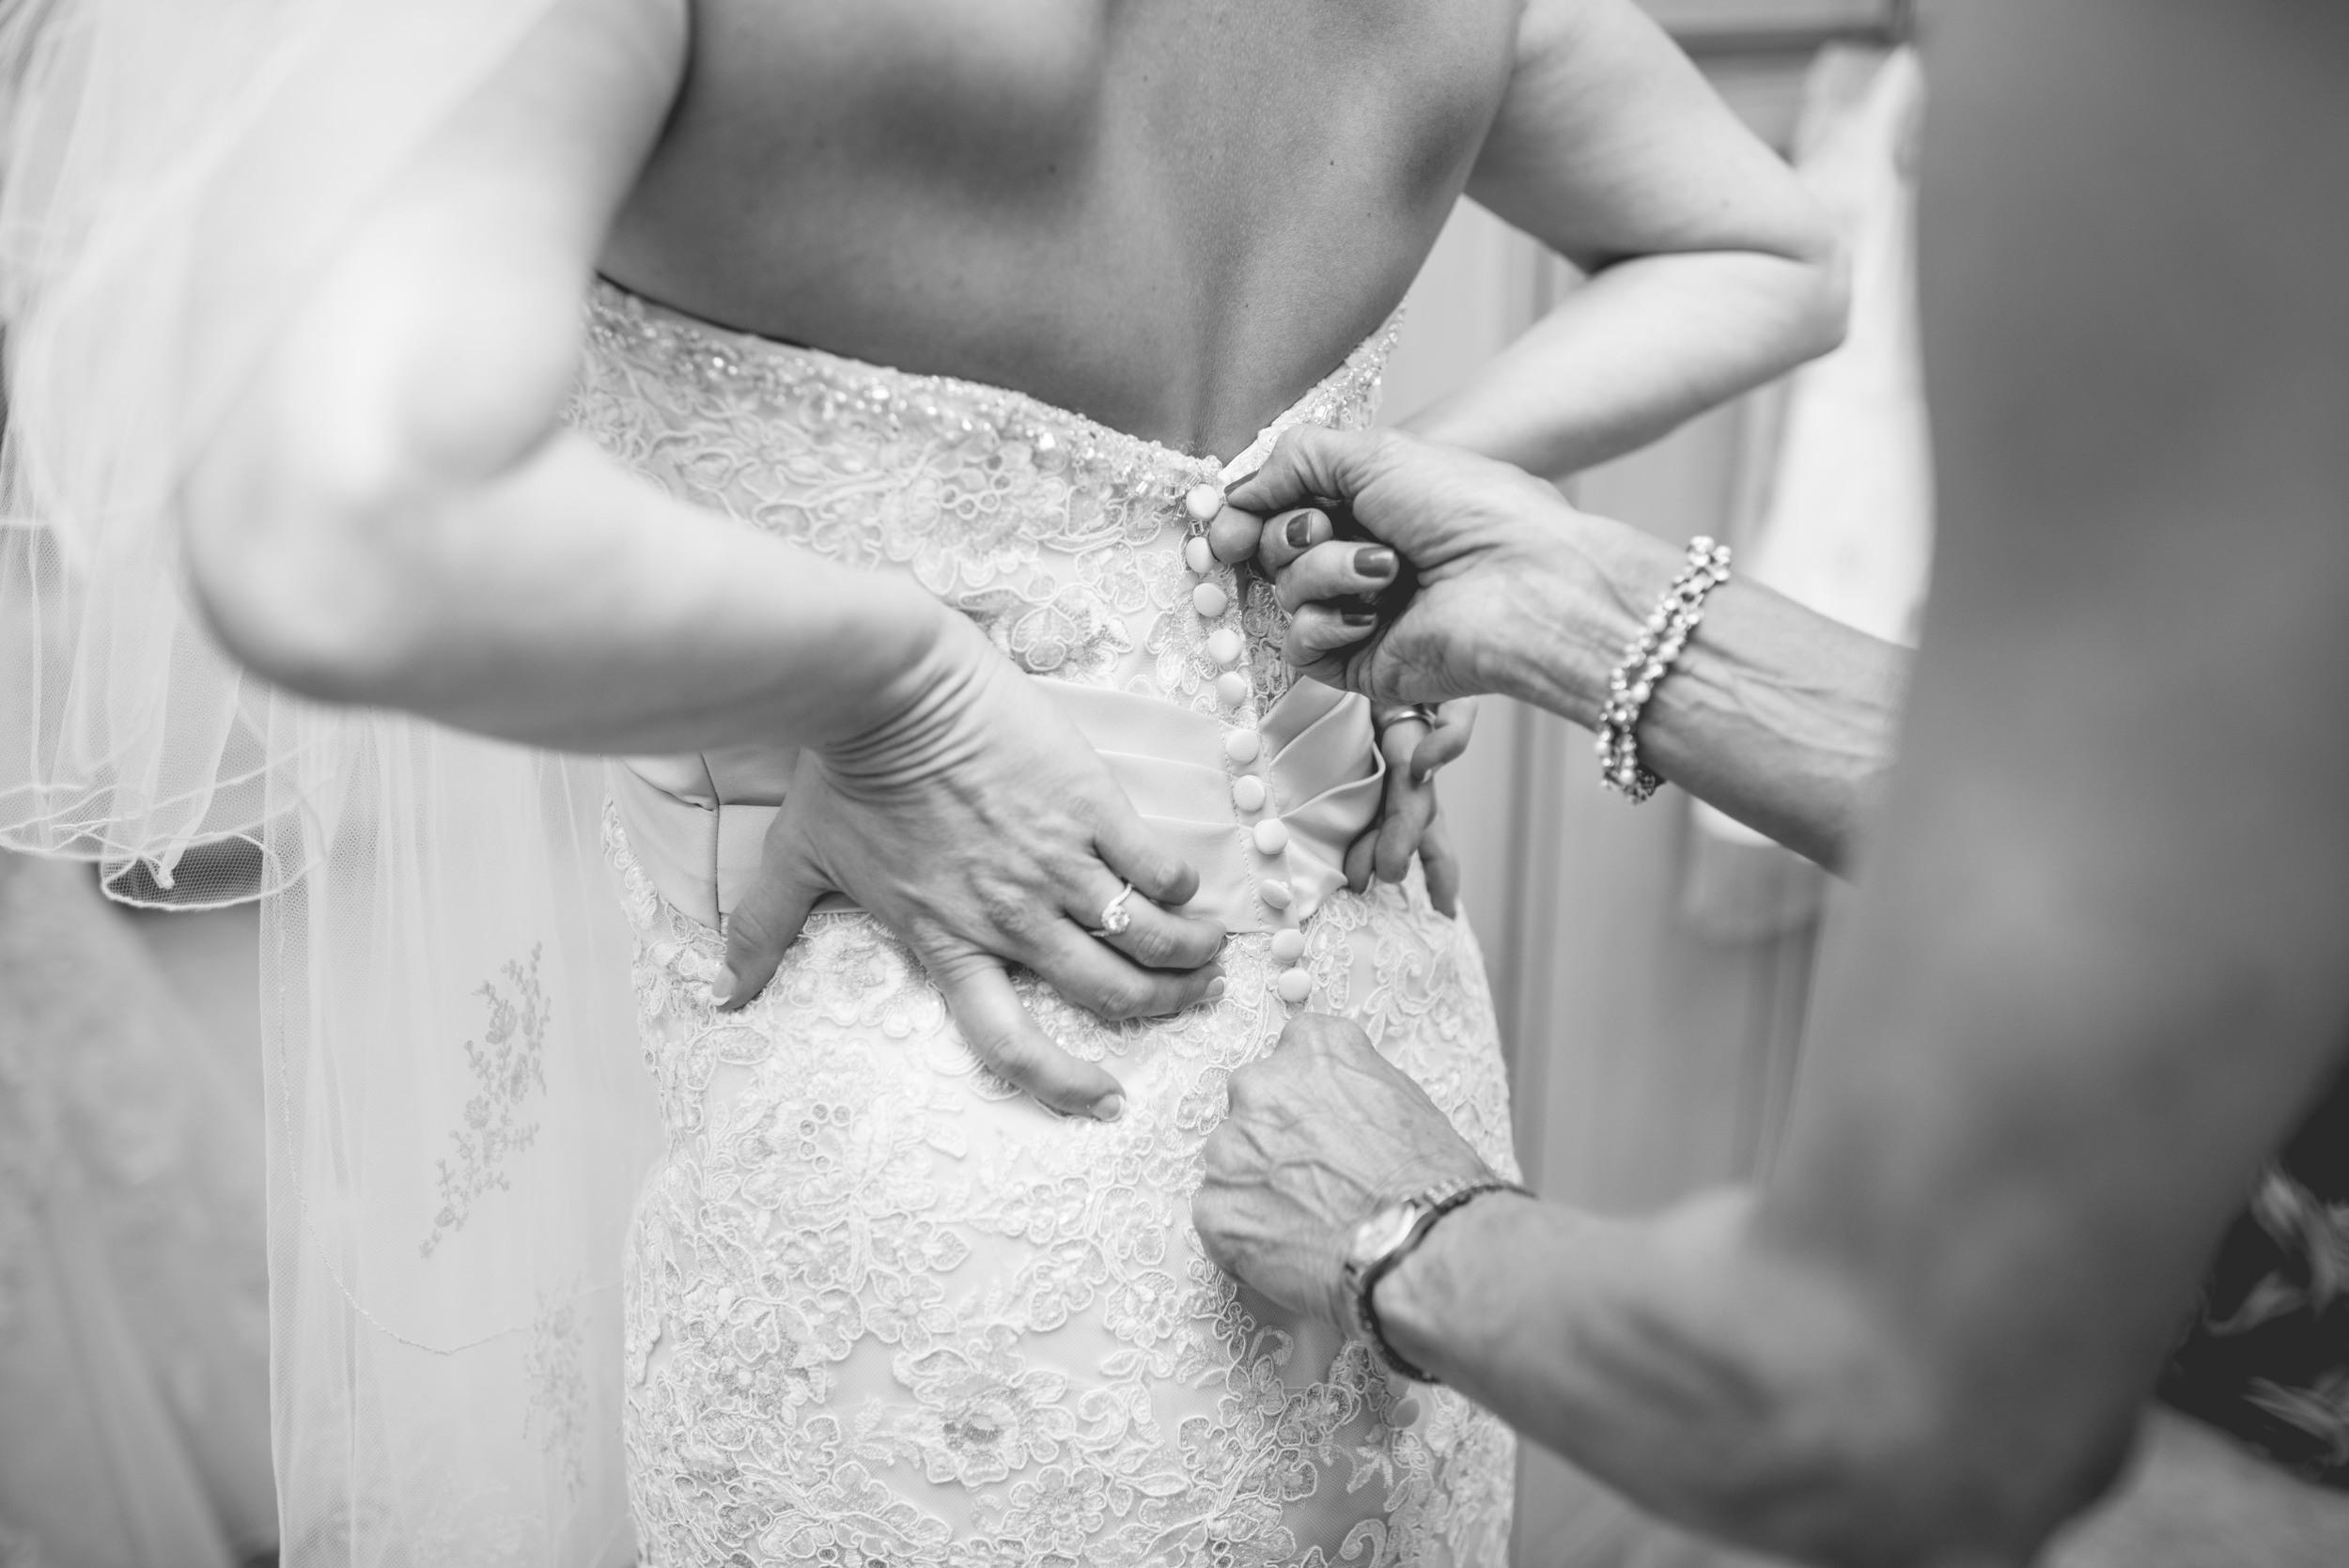 sarasutterphotography_wedding_drewanderin_2015-281.jpg